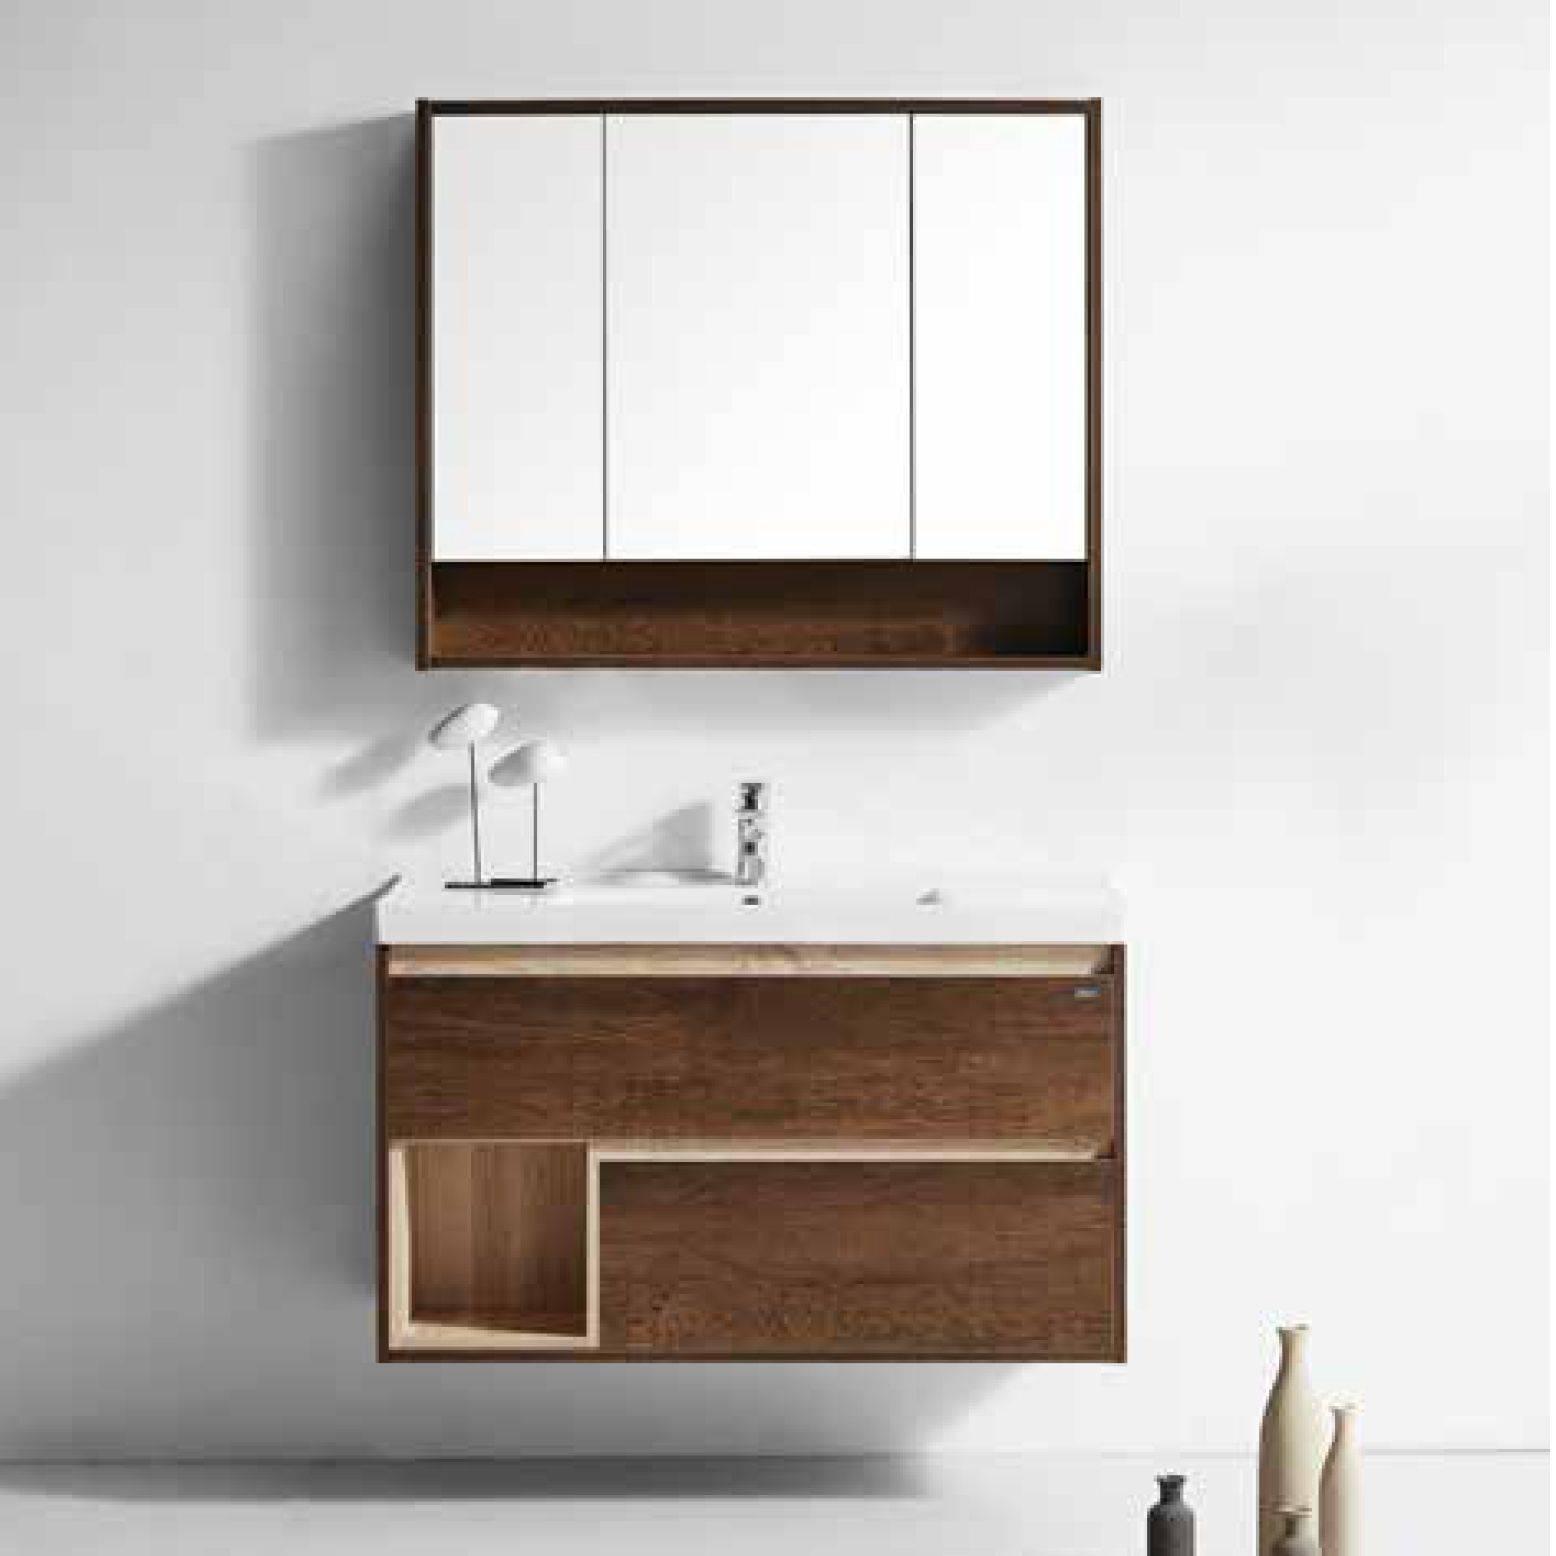 水鹿浴室柜 1610-4 北胡桃木色